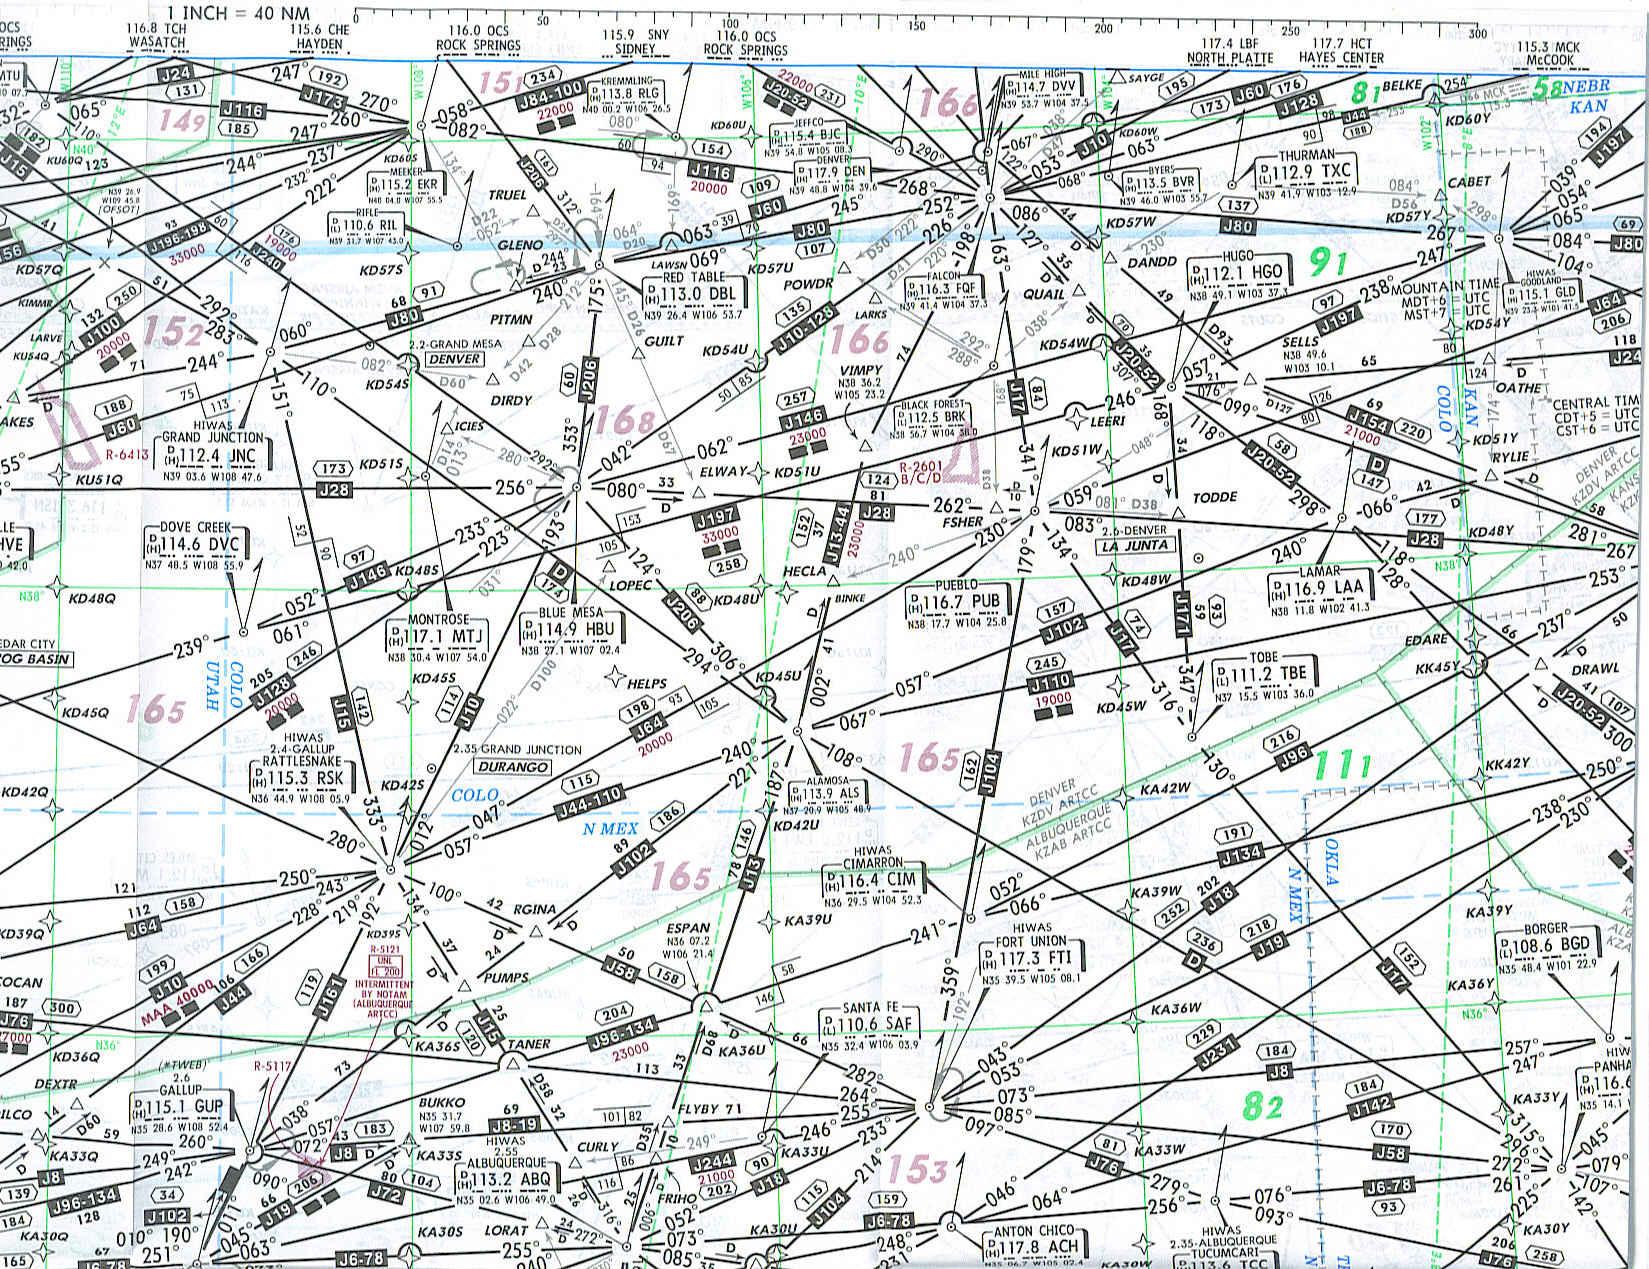 Findes Der Et Link Eller Andet, Hvor Man Kan Se Faste Ruter Der Overflyver Vestsjælland. Jeg Følger Meget Med På Radar24, Og Syntes Det Er Vildt Godt.